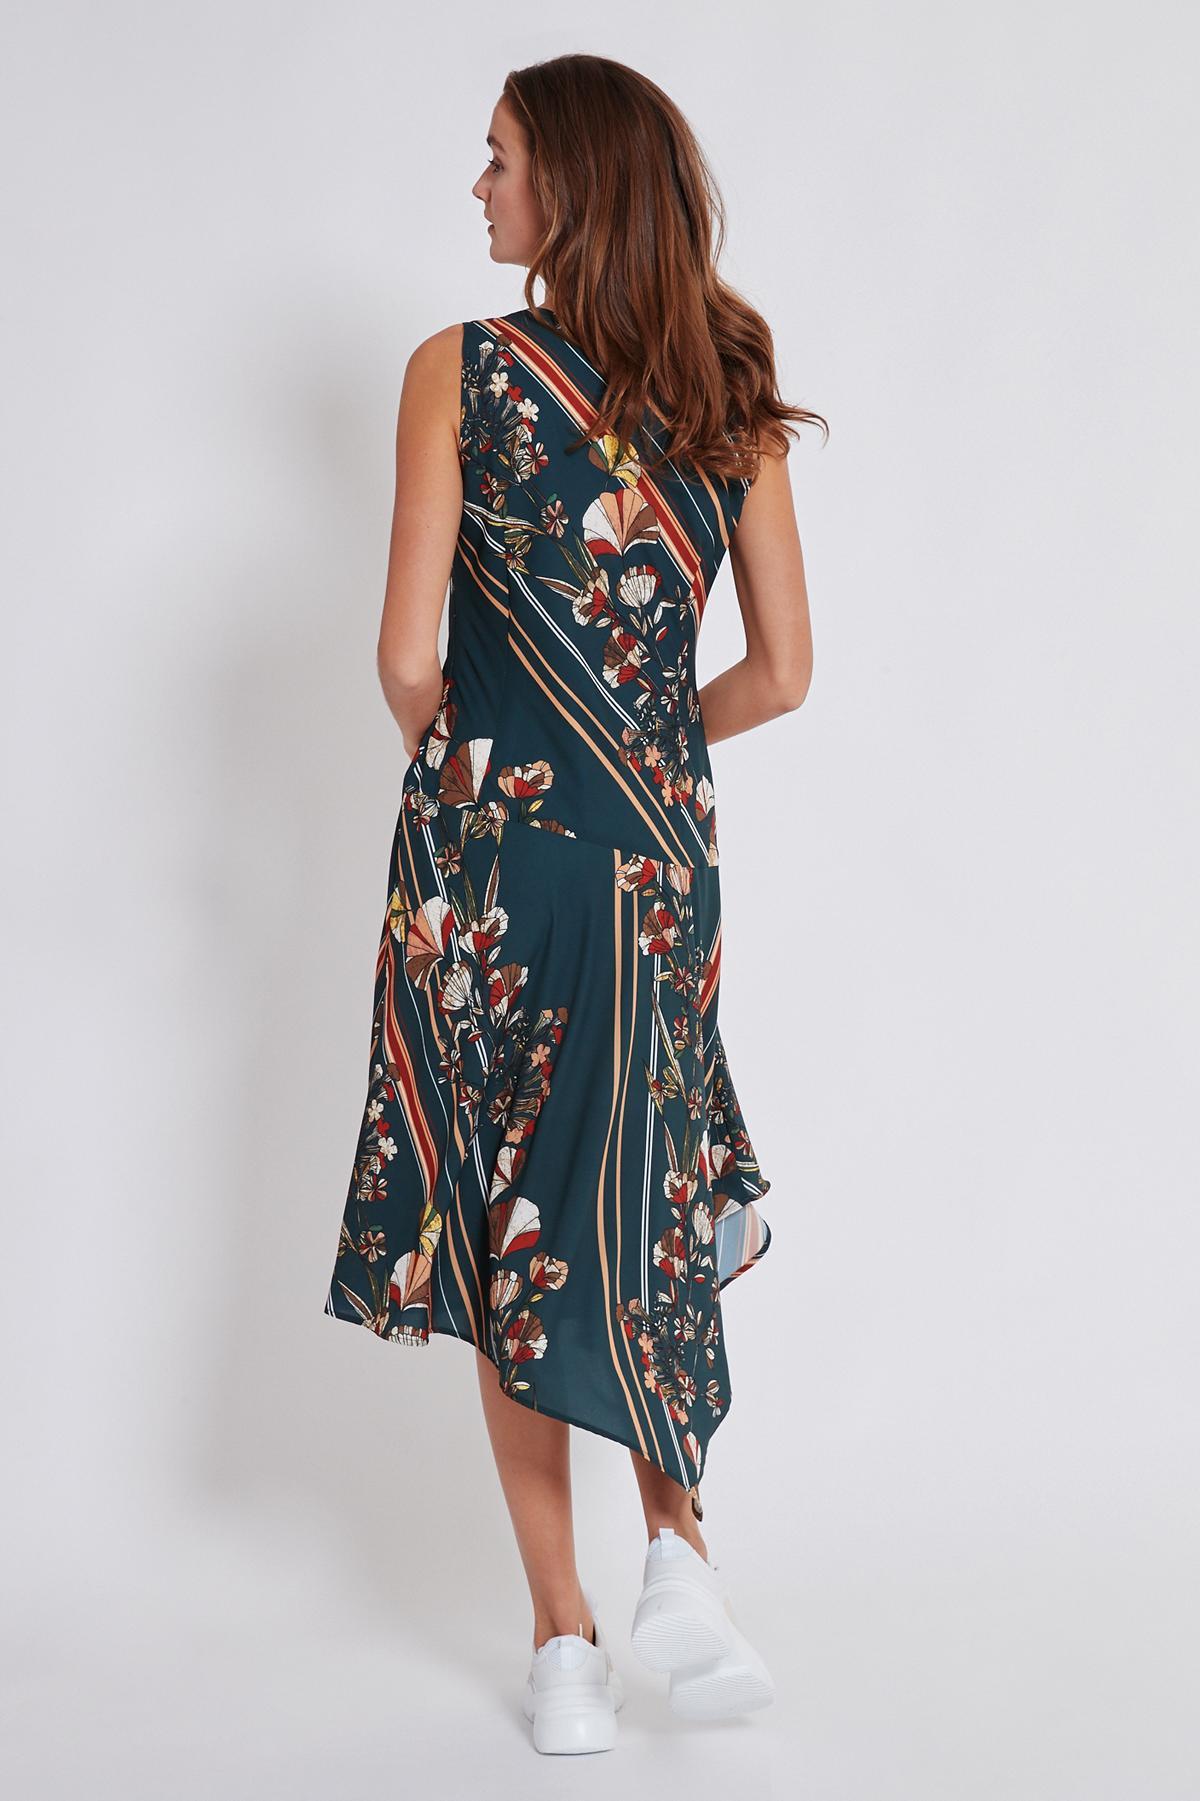 Rear view of Ana Alcazar Midi Dress Talusa  worn by model